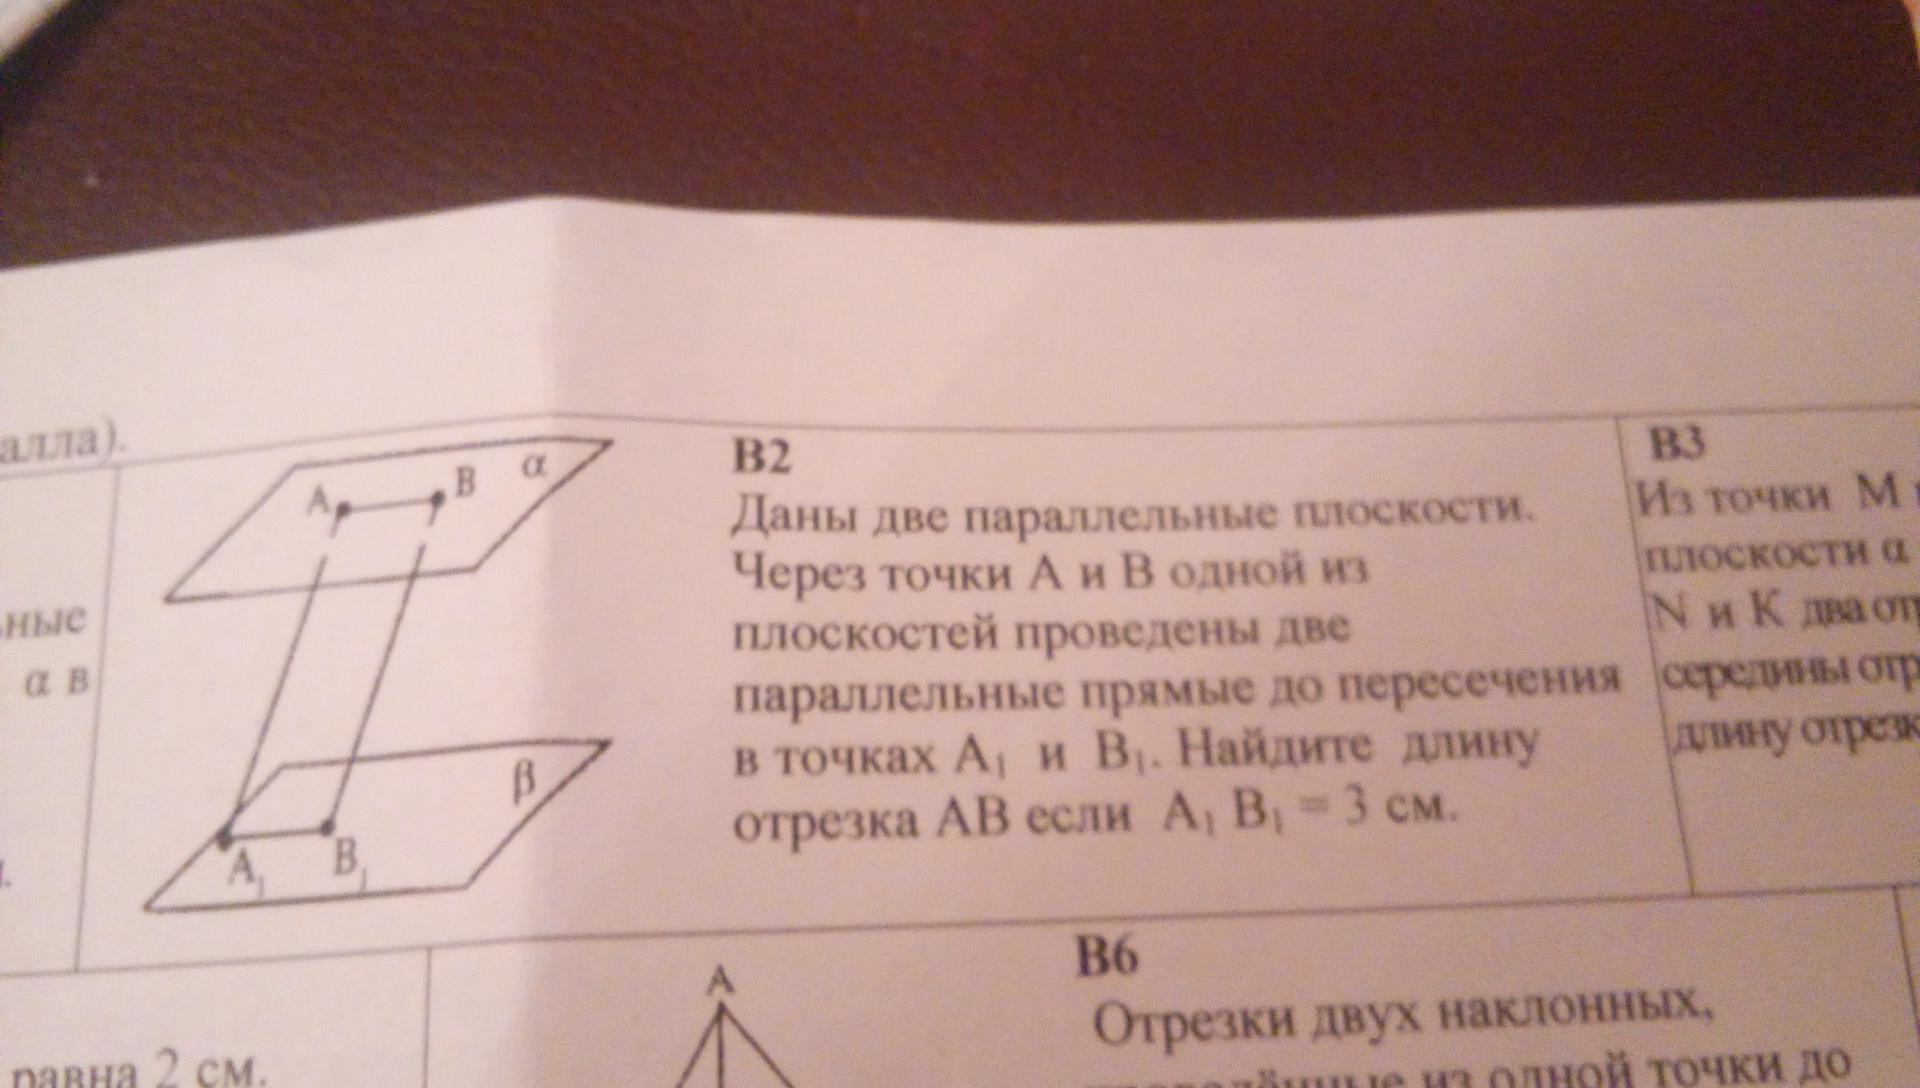 В2 Даны две параллельные плоскости .Чере<br>